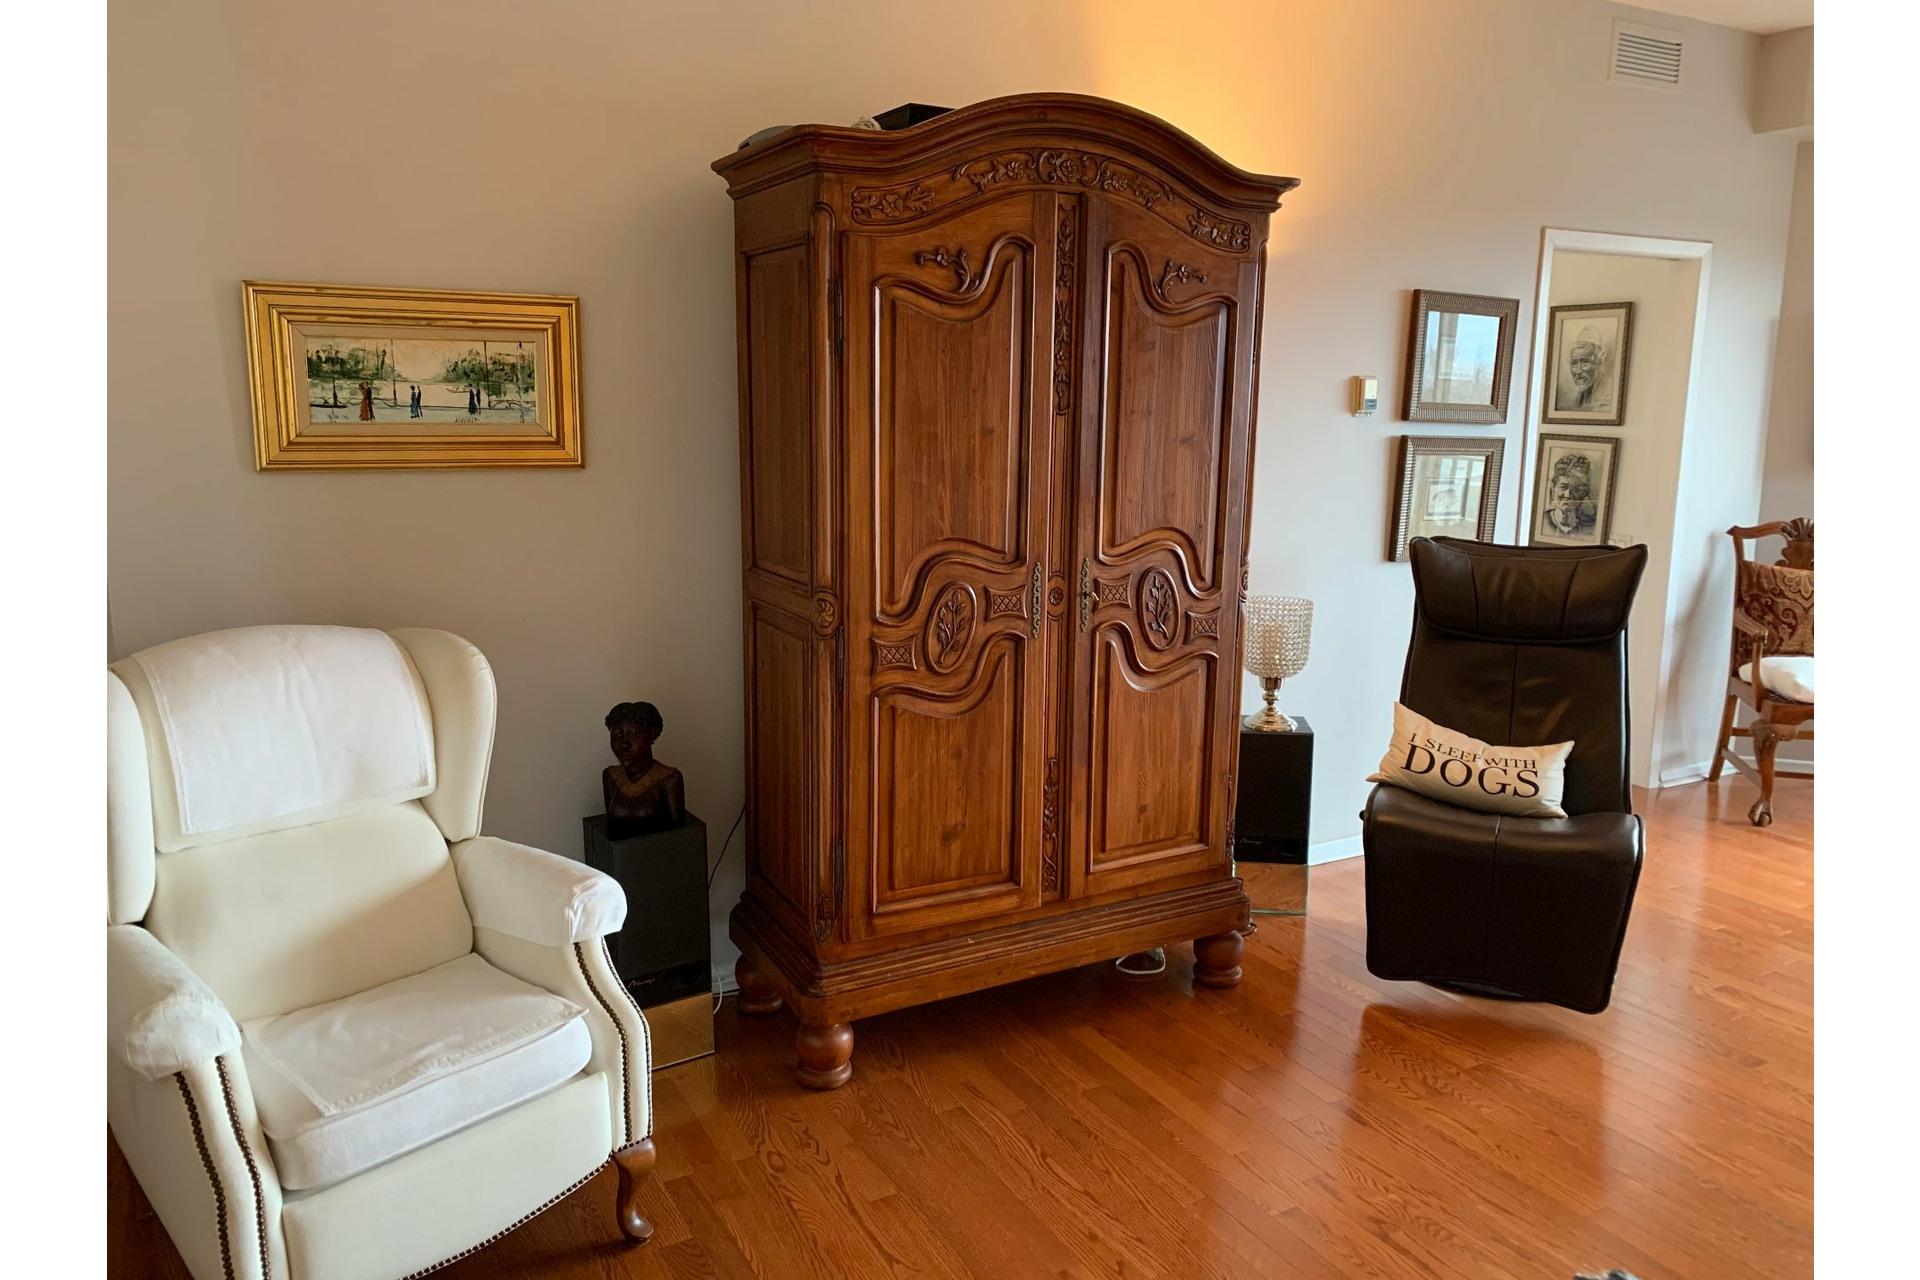 image 9 - Apartment For sale Côte-des-Neiges/Notre-Dame-de-Grâce Montréal  - 5 rooms